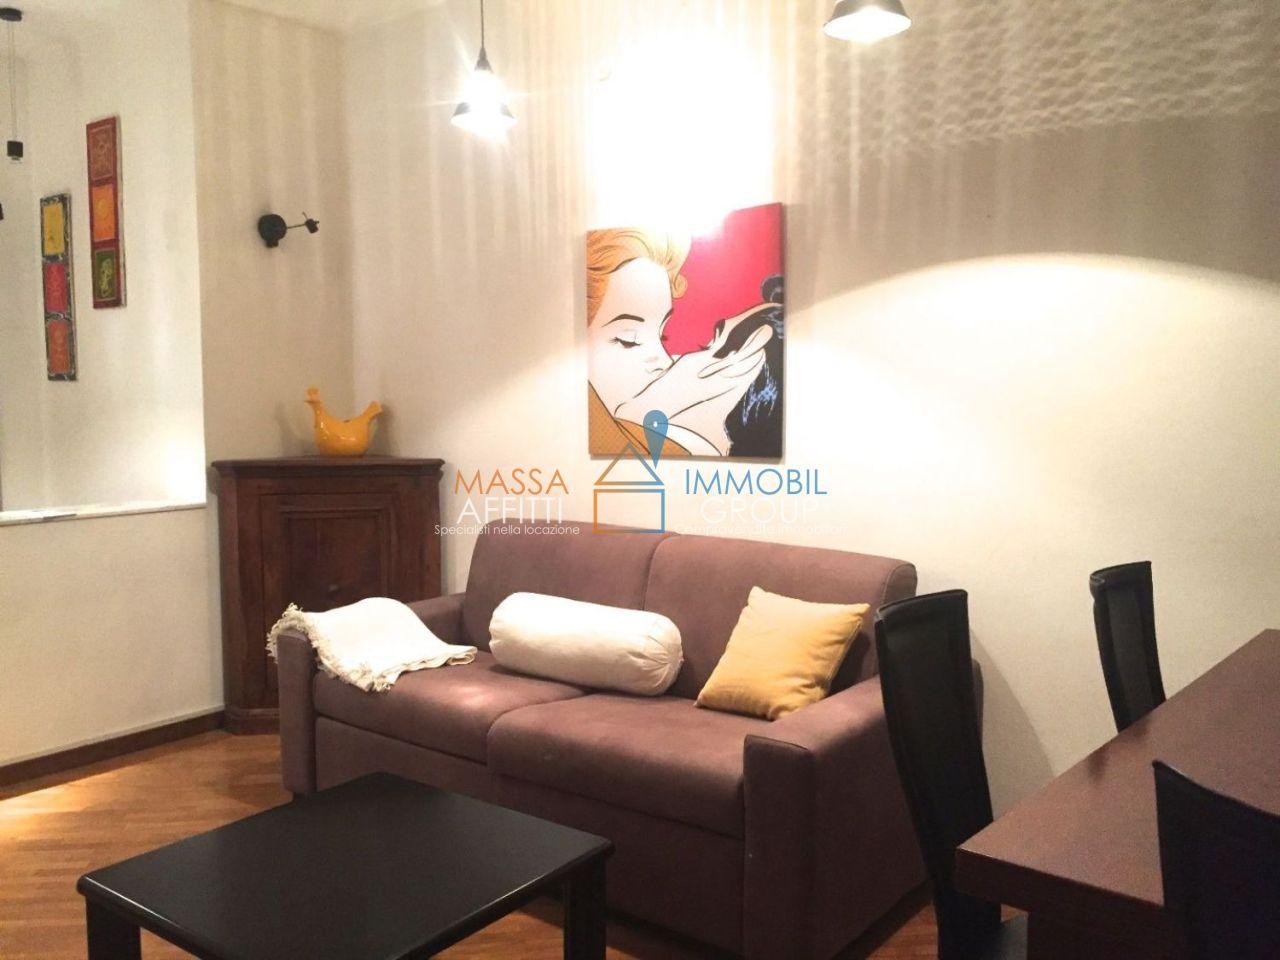 Appartamento - Pentalocale a Centro città, Massa